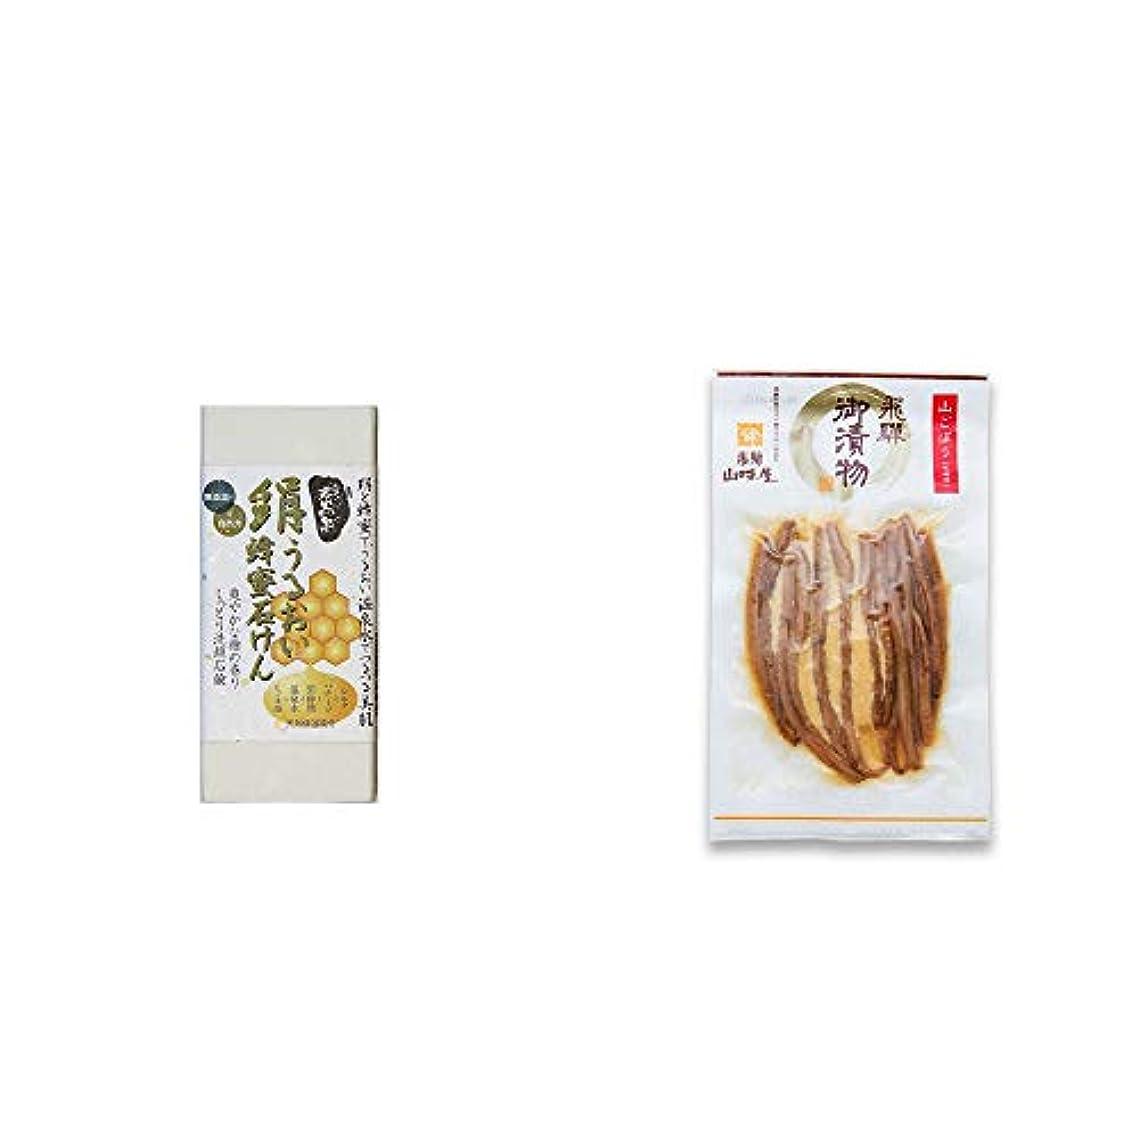 野心的フルーツ野菜ガロン[2点セット] ひのき炭黒泉 絹うるおい蜂蜜石けん(75g×2)?飛騨山味屋 山ごぼう味噌漬(80g)